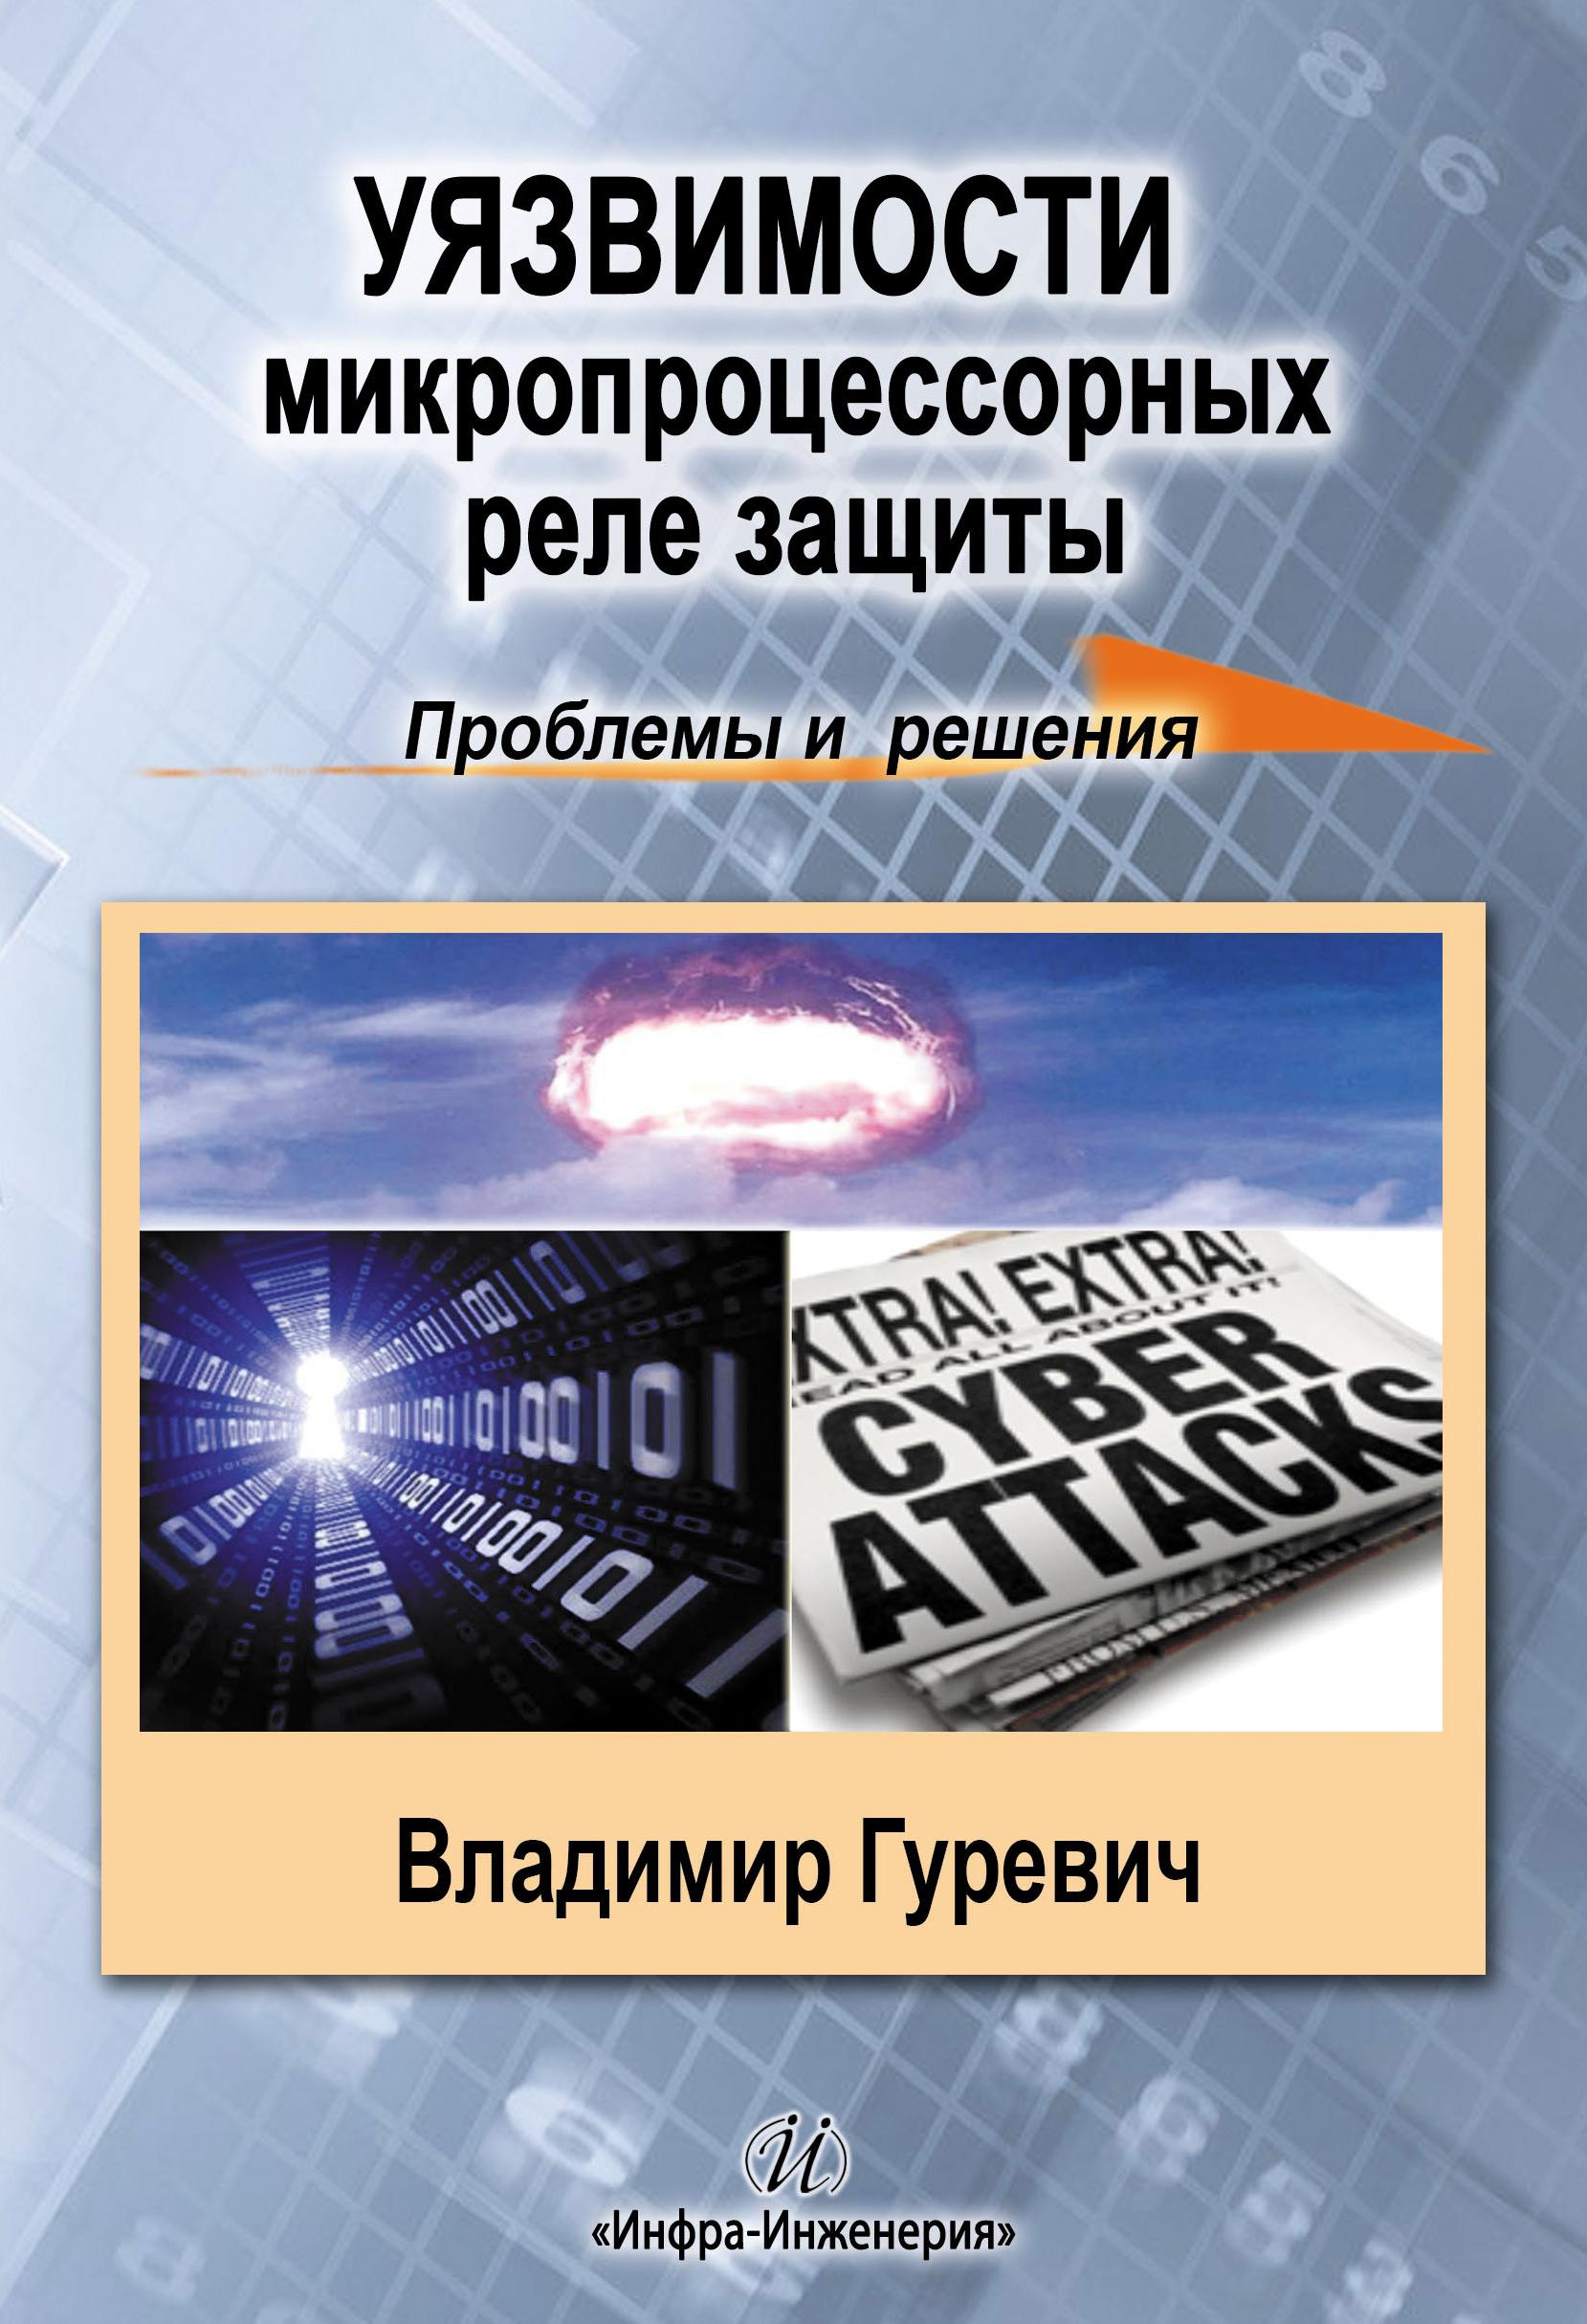 В. И. Гуревич Уязвимости микропроцессорных реле защиты: проблемы и решения